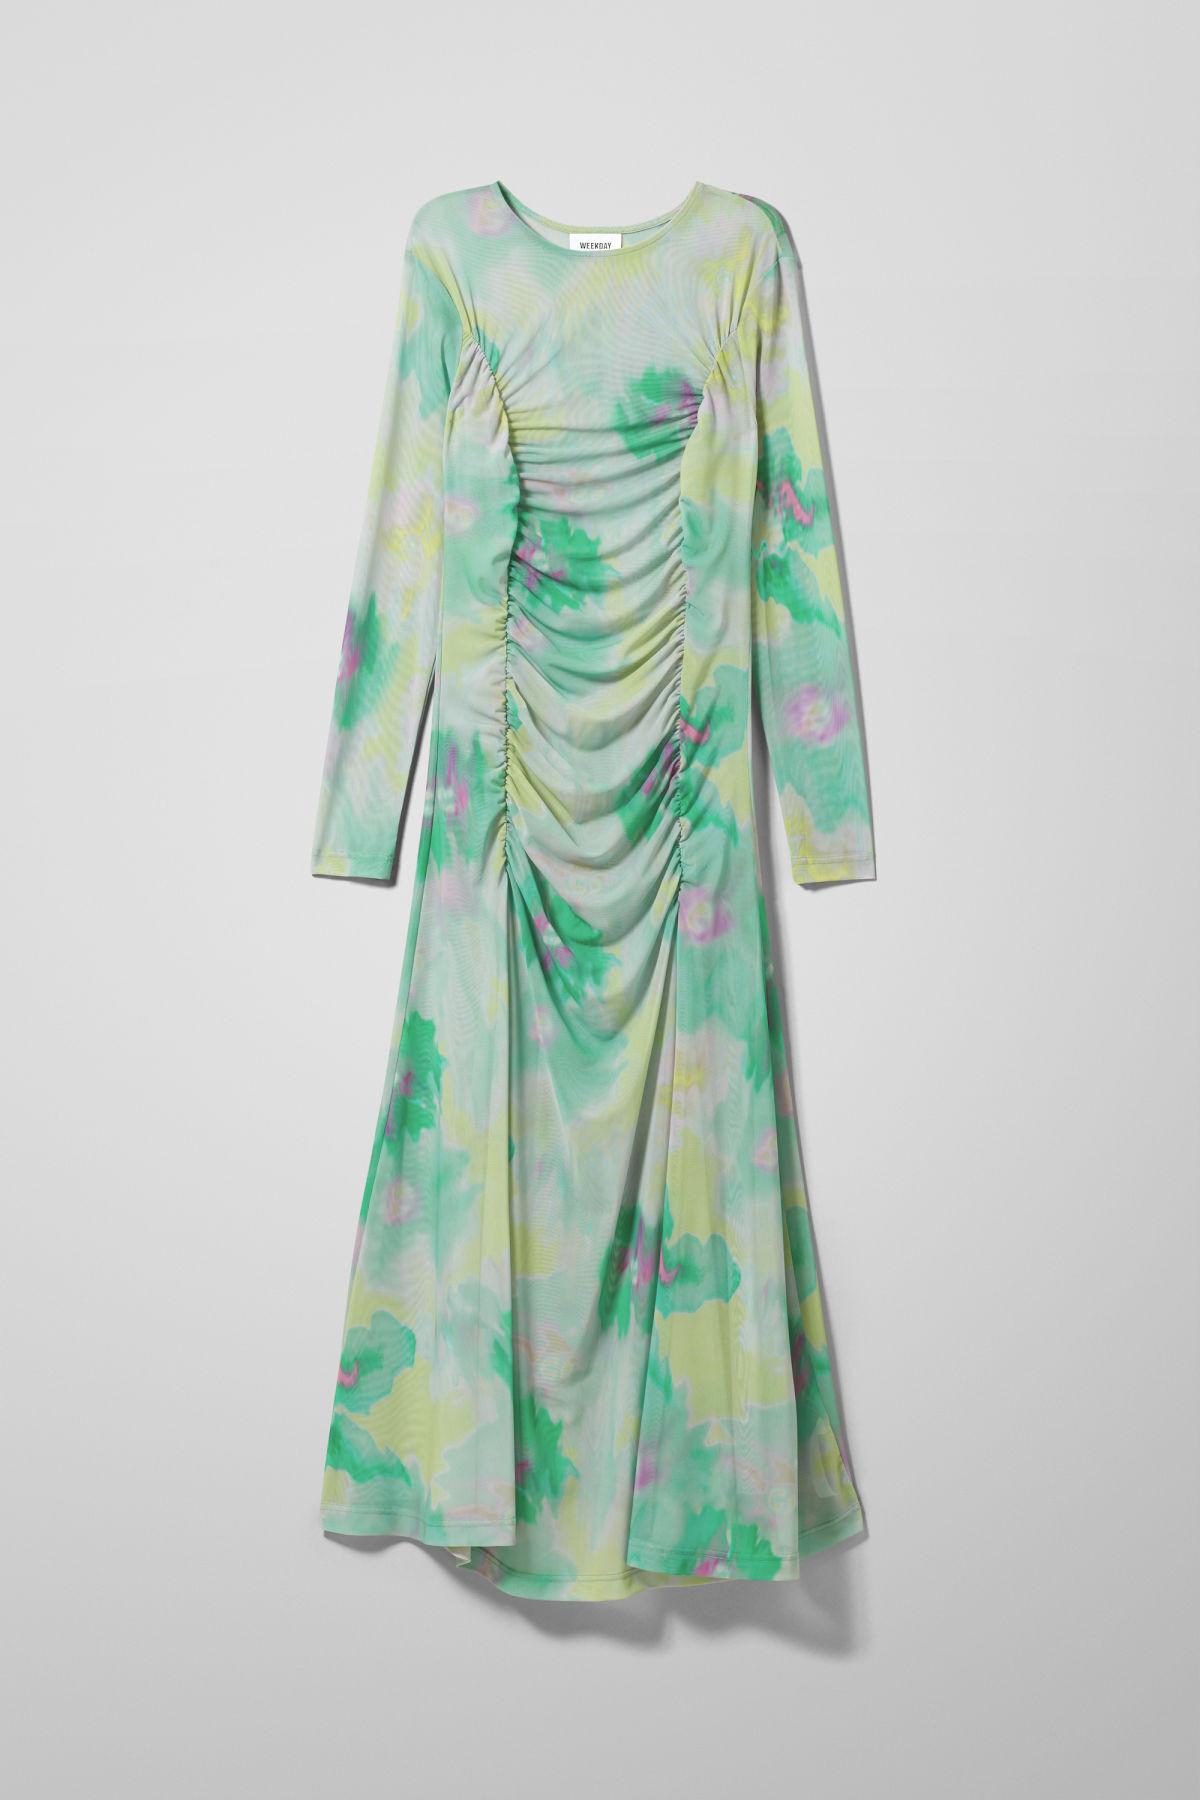 Image of Kaylee Mesh Dress - Green-XS